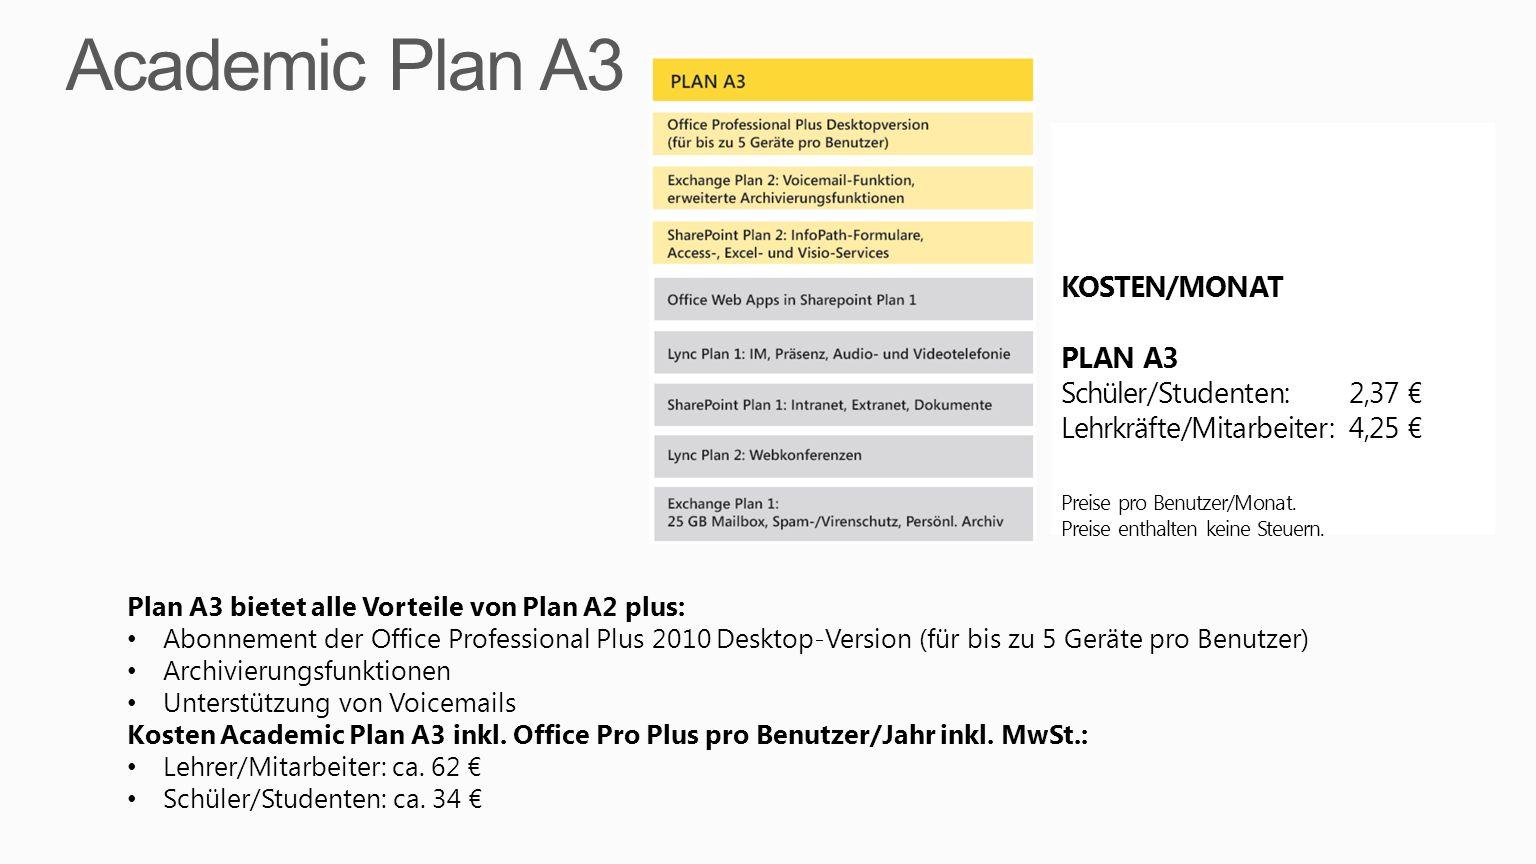 Plan A3 bietet alle Vorteile von Plan A2 plus: Abonnement der Office Professional Plus 2010 Desktop-Version (für bis zu 5 Geräte pro Benutzer) Archivi